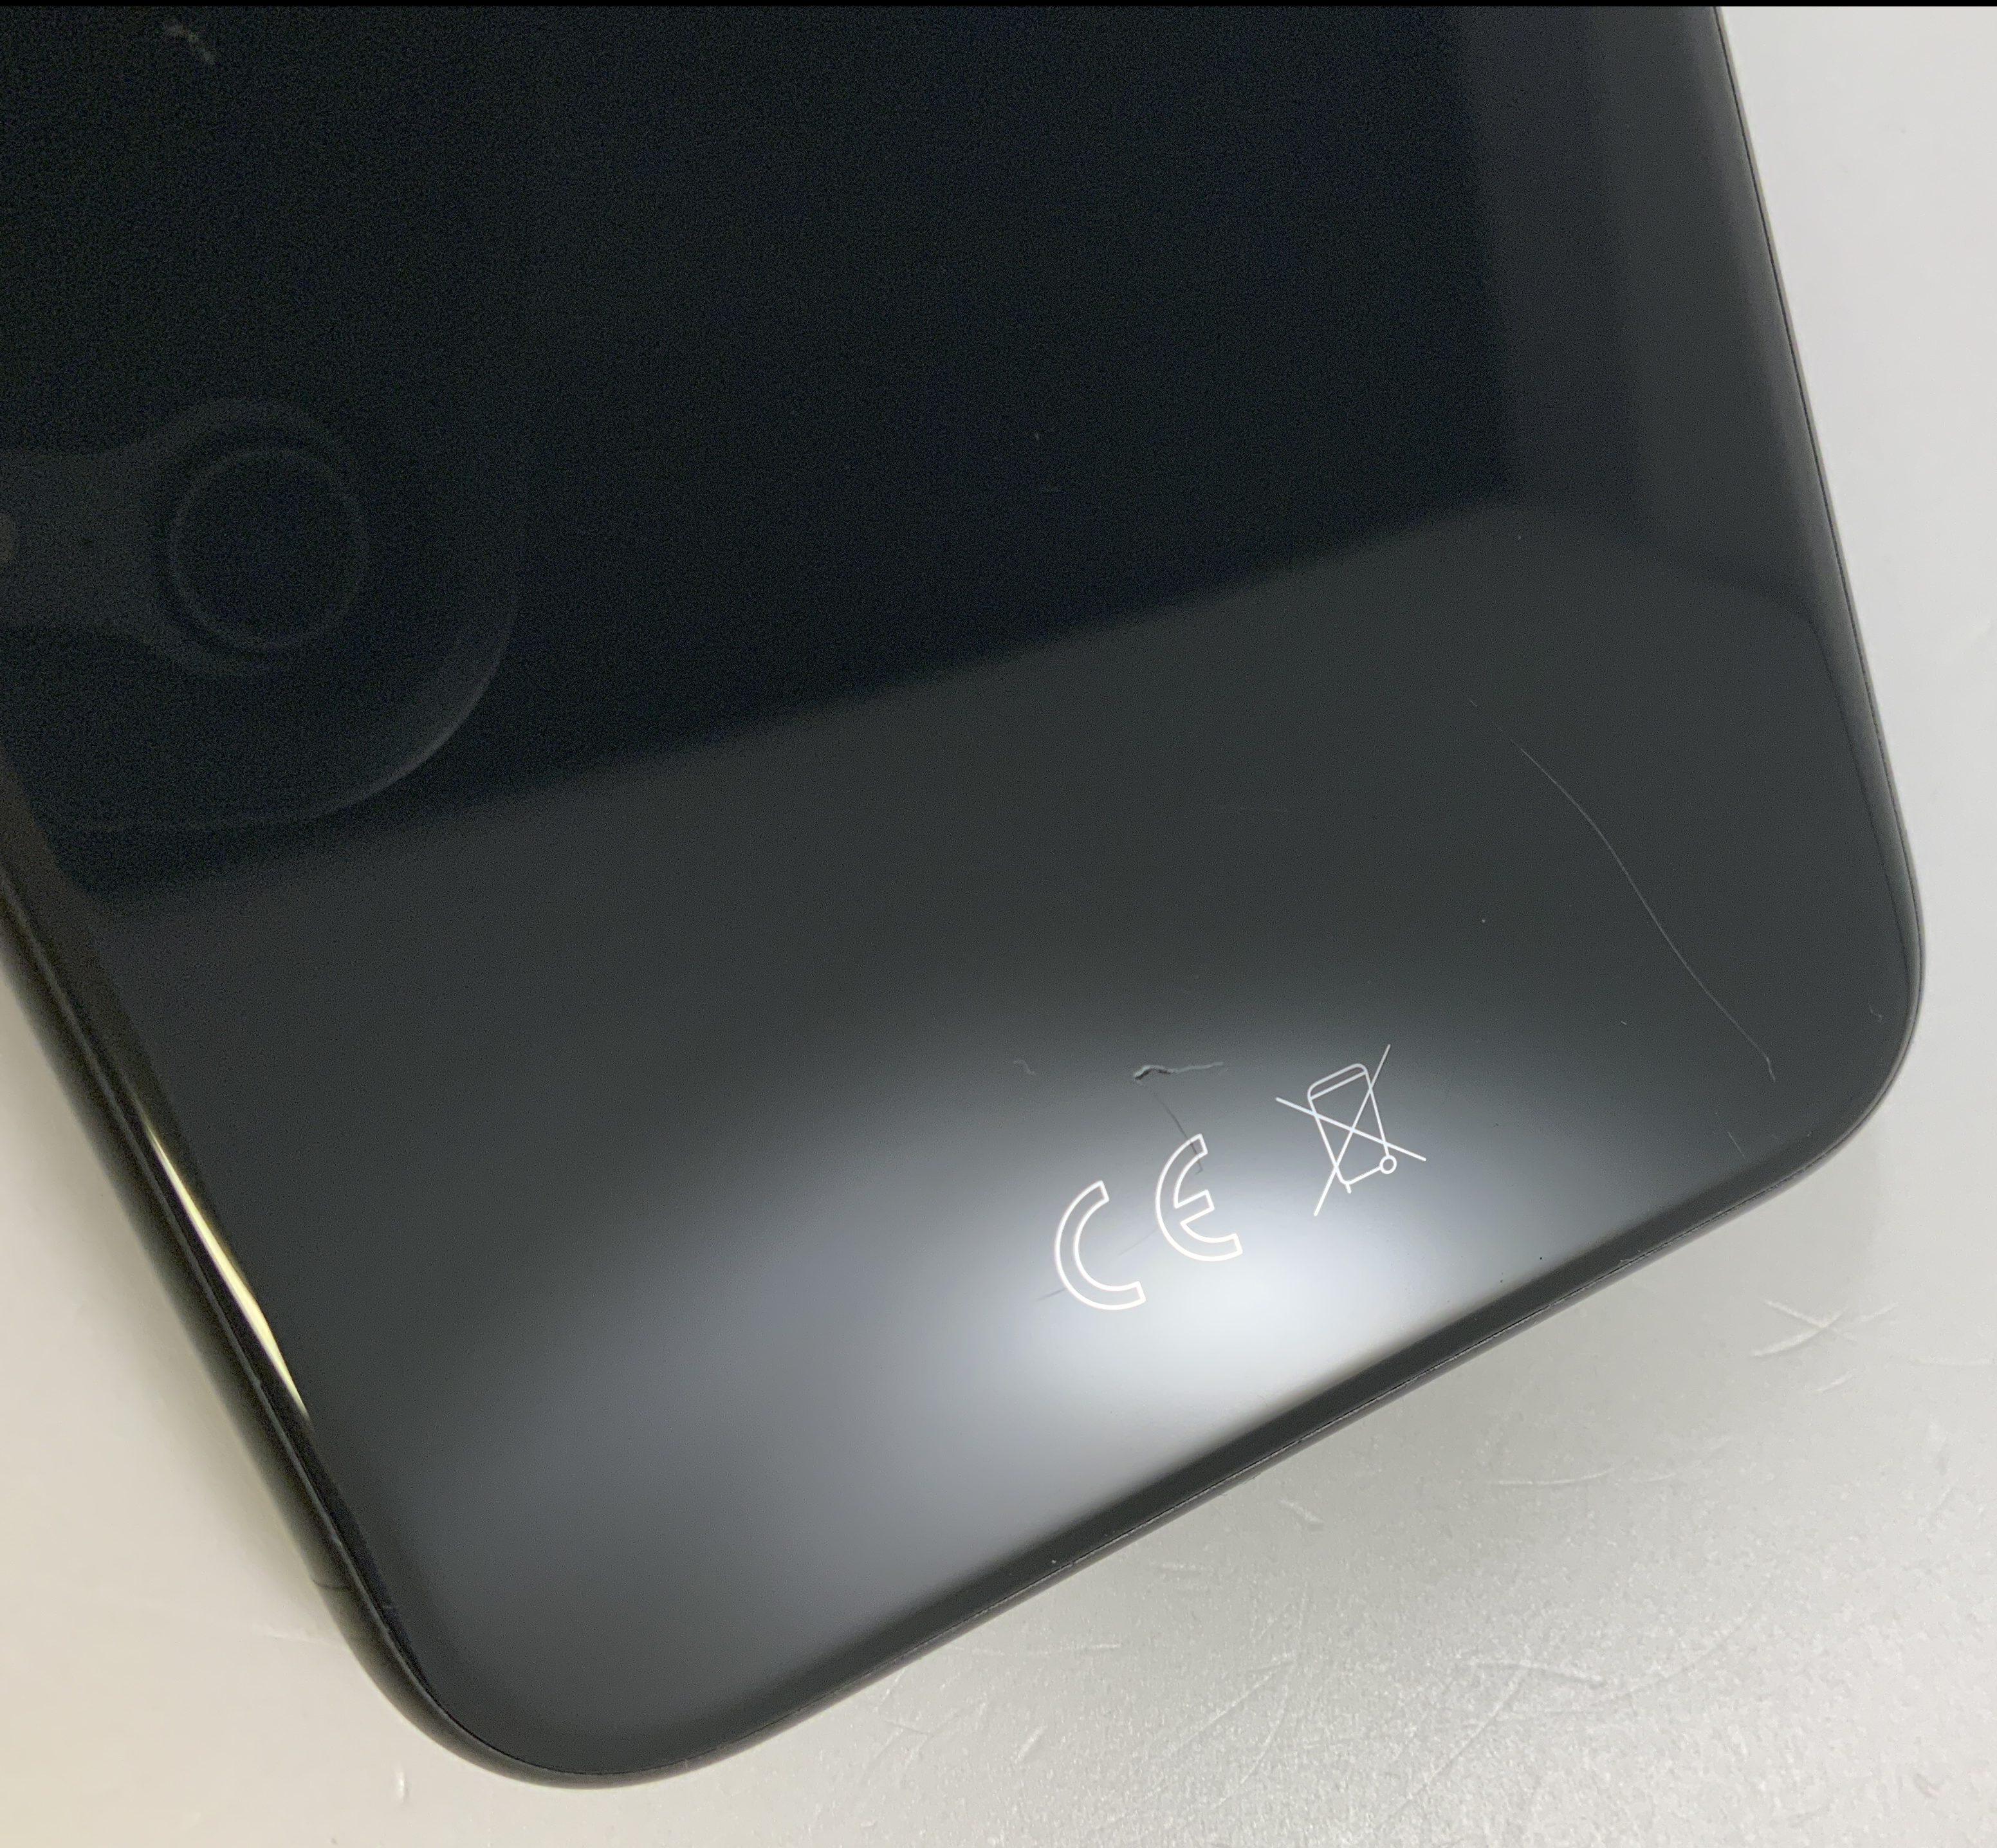 iPhone SE (2nd Gen) 128GB, 128GB, Black, obraz 4